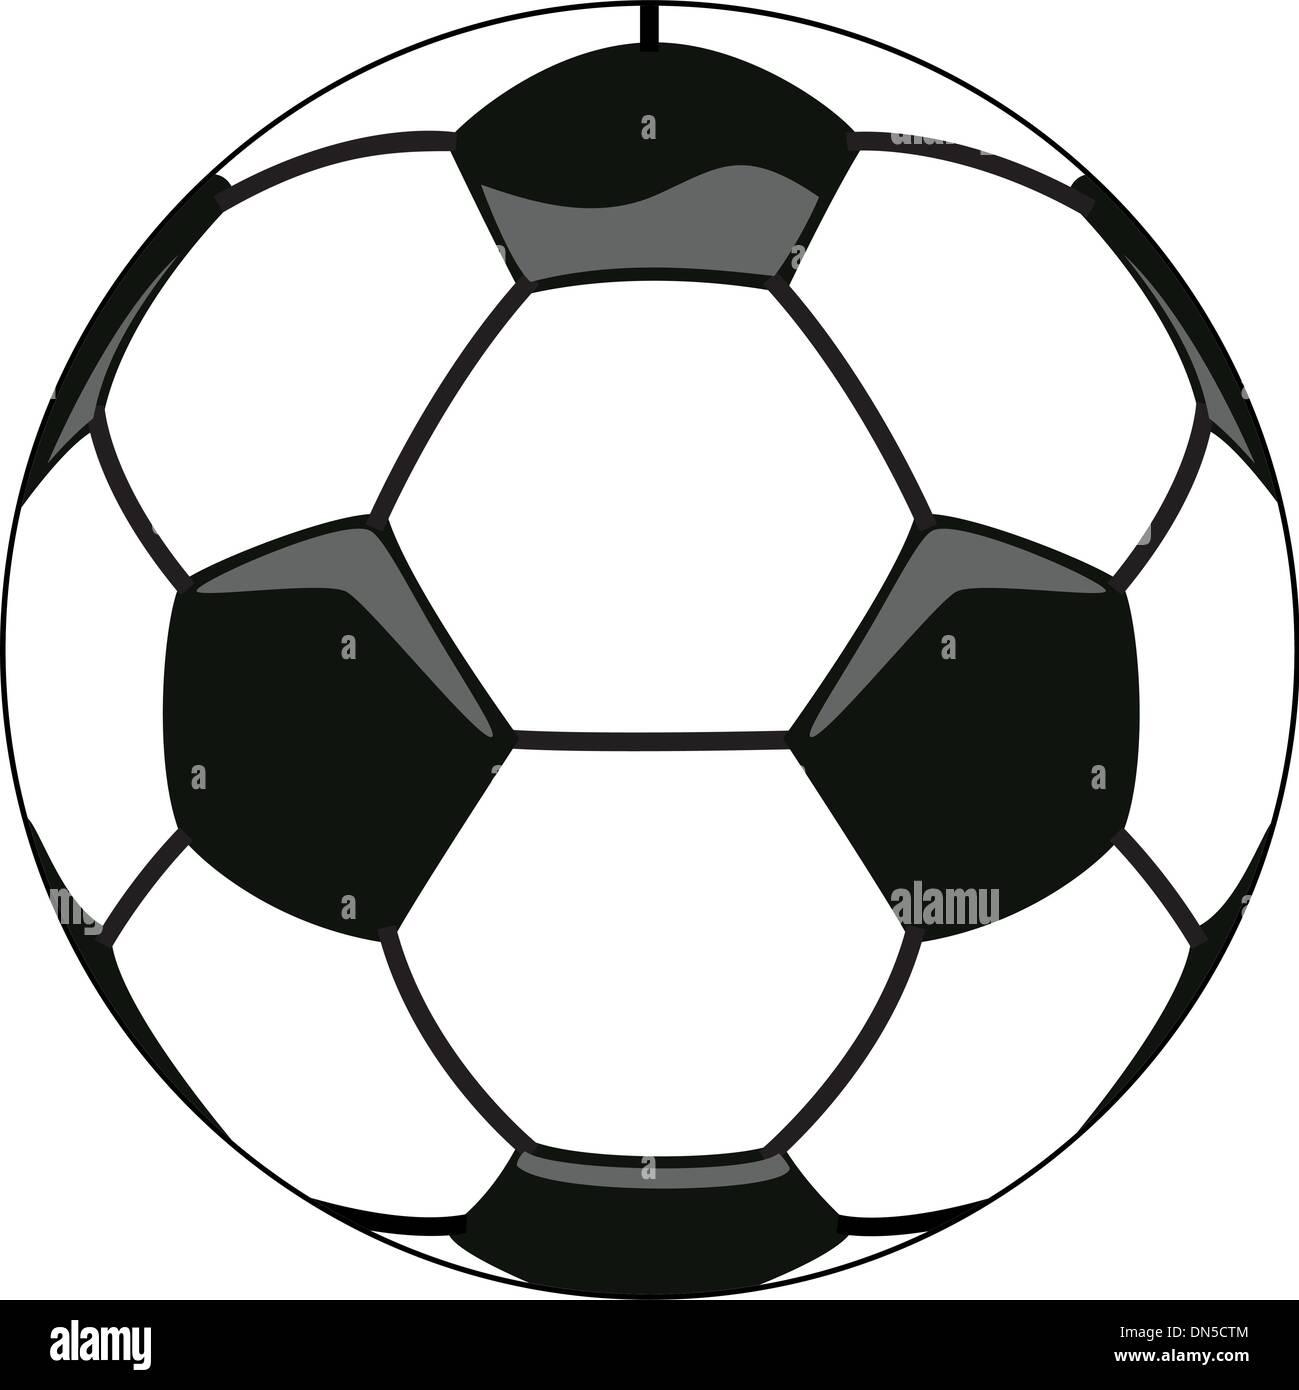 vector soccer ball clipart stock photos vector soccer ball clipart rh alamy com vector soccer ball free vector soccer ball outline